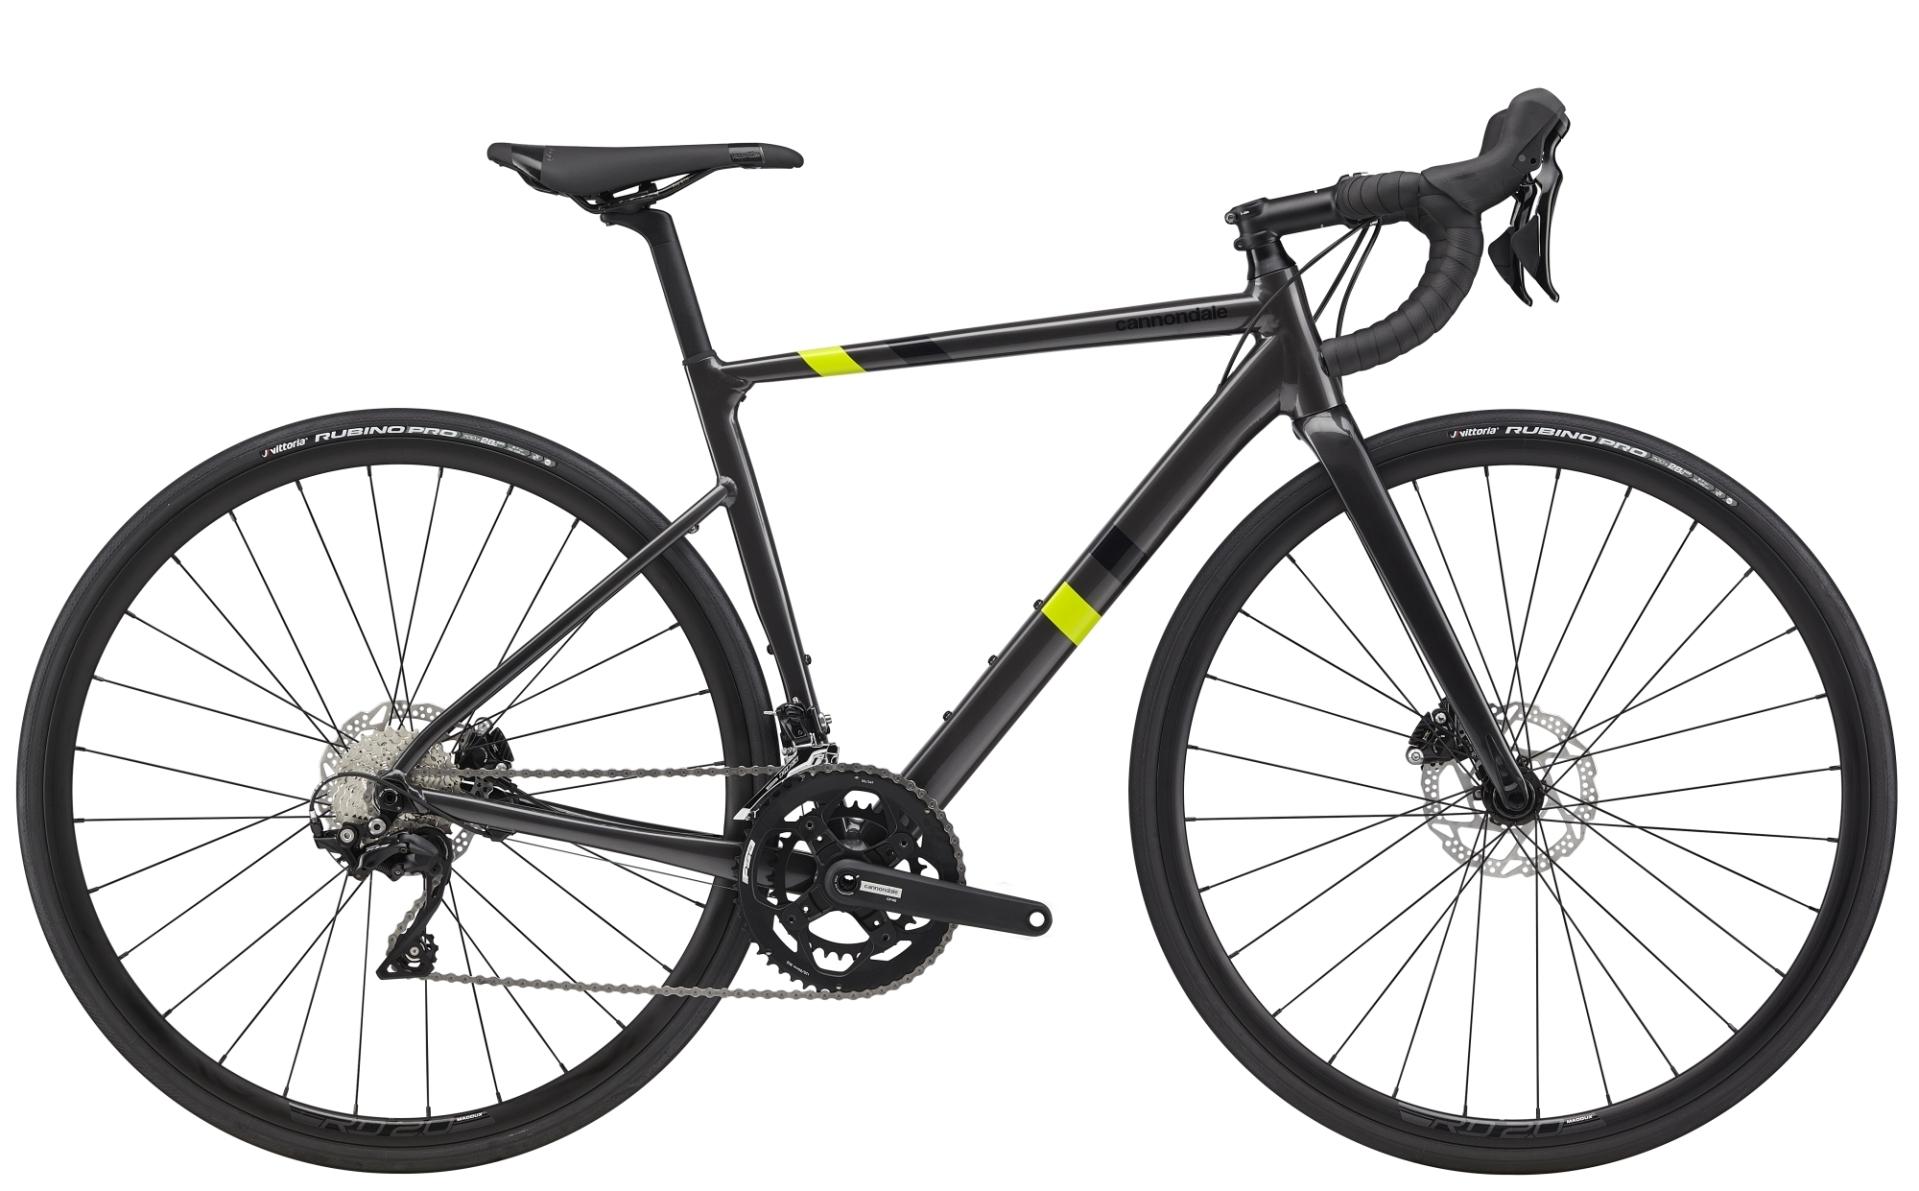 Cannondale CAAD 13 Disc 105 női országúti kerékpár - fekete - 44 cm (2020)